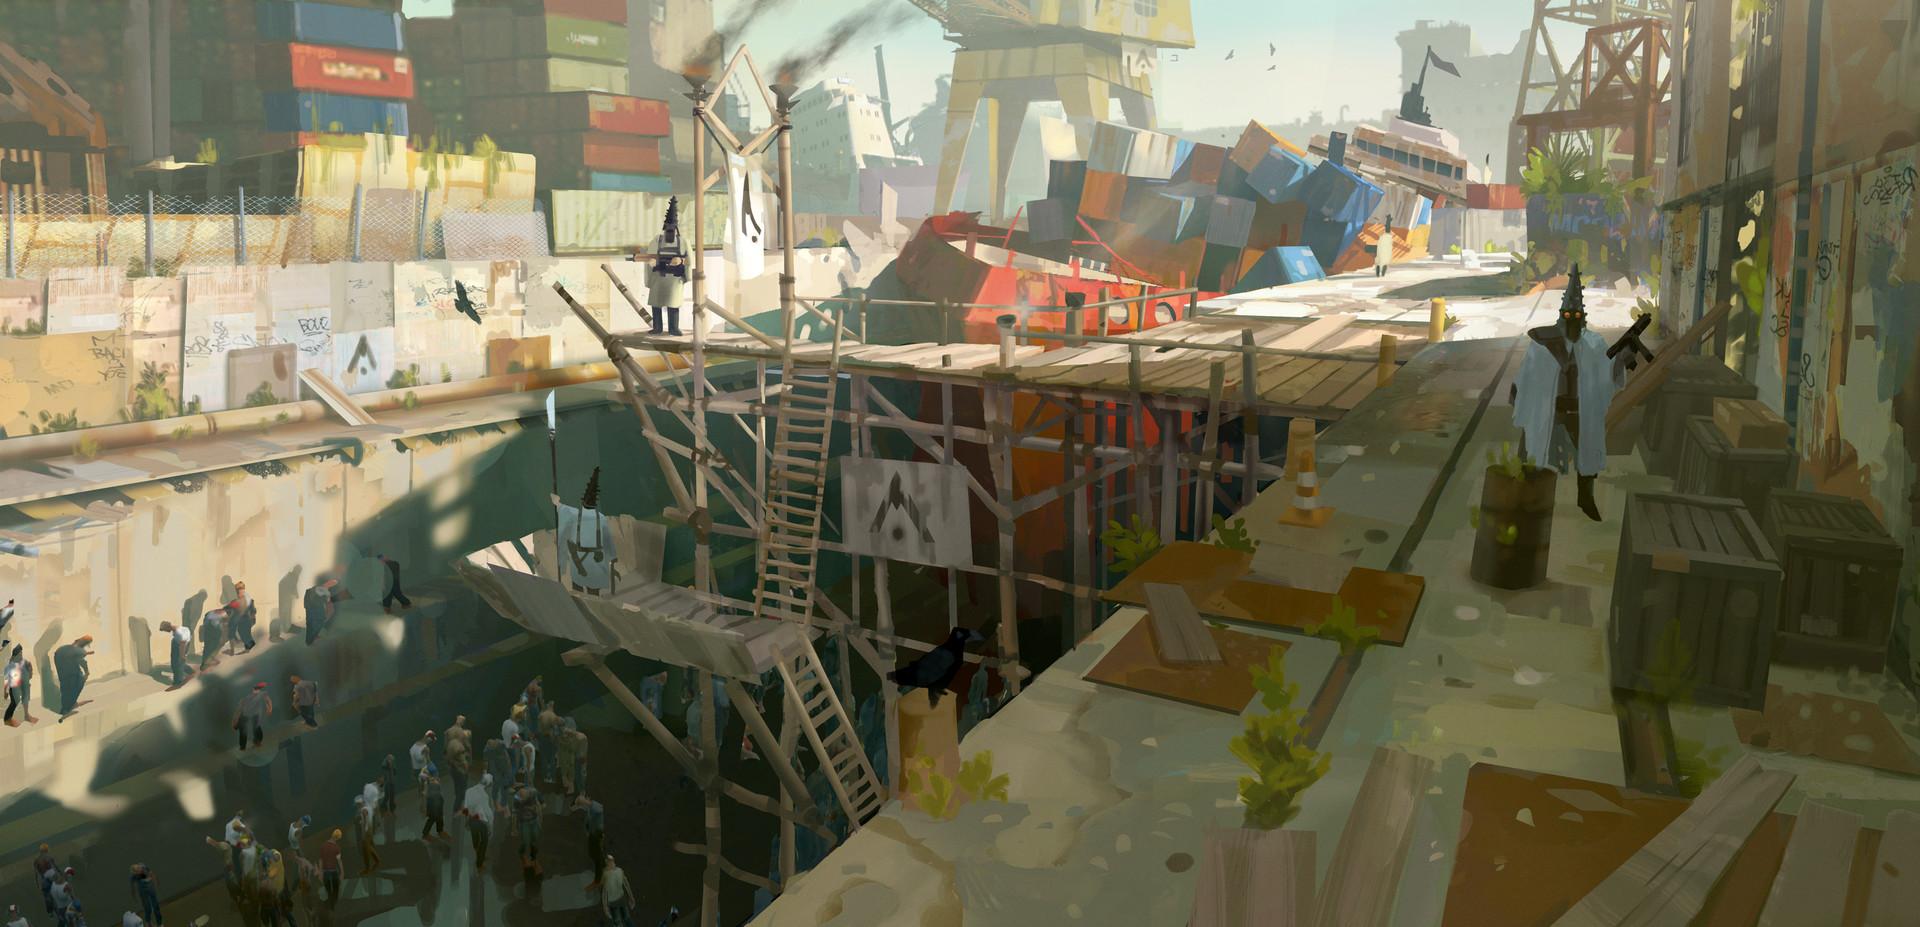 Adrien girod dw env pl shipyard 08 72